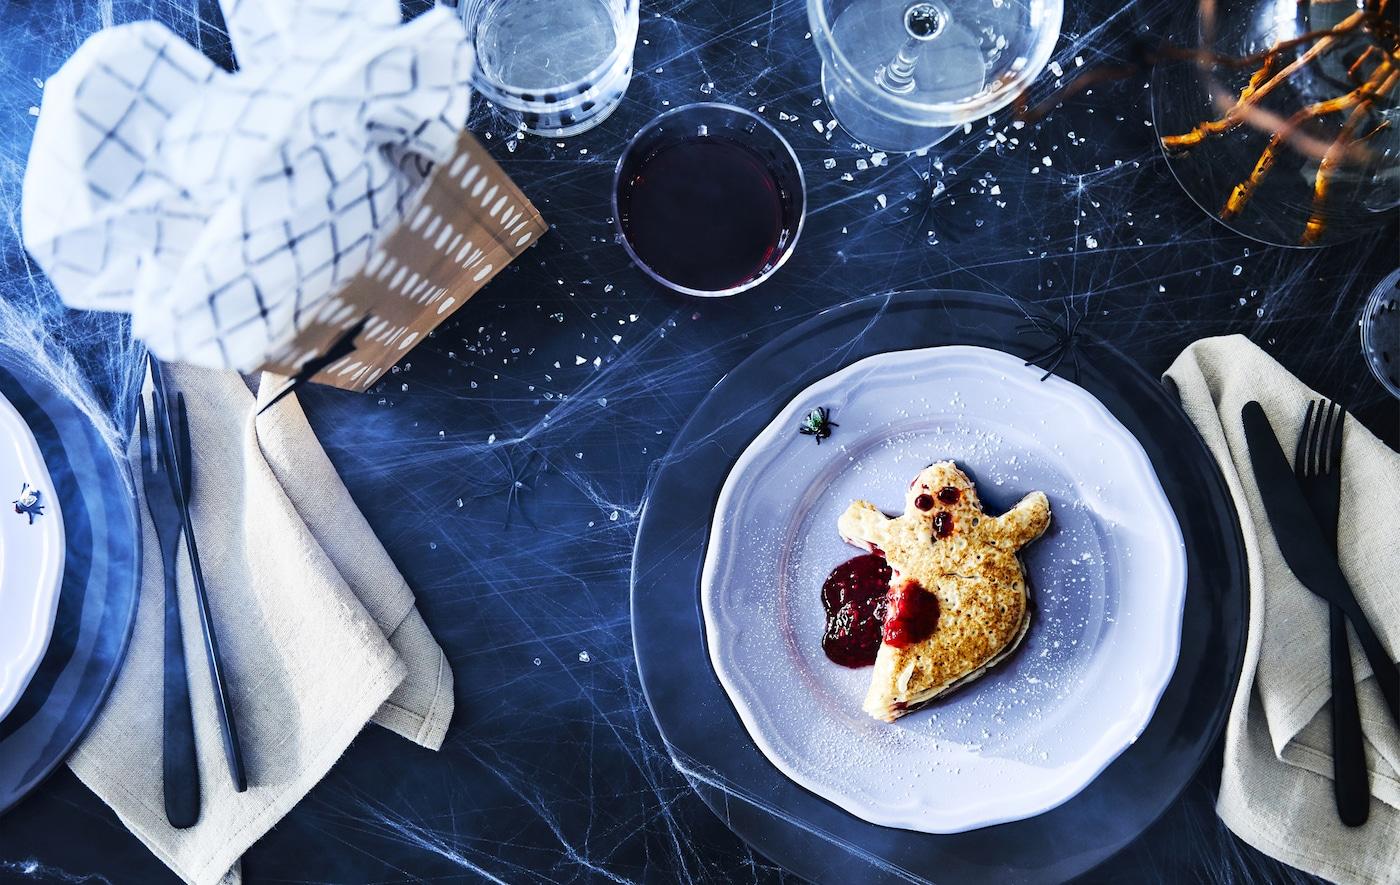 Schneide ein paar gruselige Pfannkuchen mit einem Messer aus. Bei IKEA findest du sie tiefgefroren und fertig zubereitet, du musst sie also nur noch erwärmen. Auf einem Dessertteller wie ARV in Lila und ÖVERSIKT Gläsern gepunktet, sind sie schnell für die Kids hingestellt und bestimmt ebenso schnell